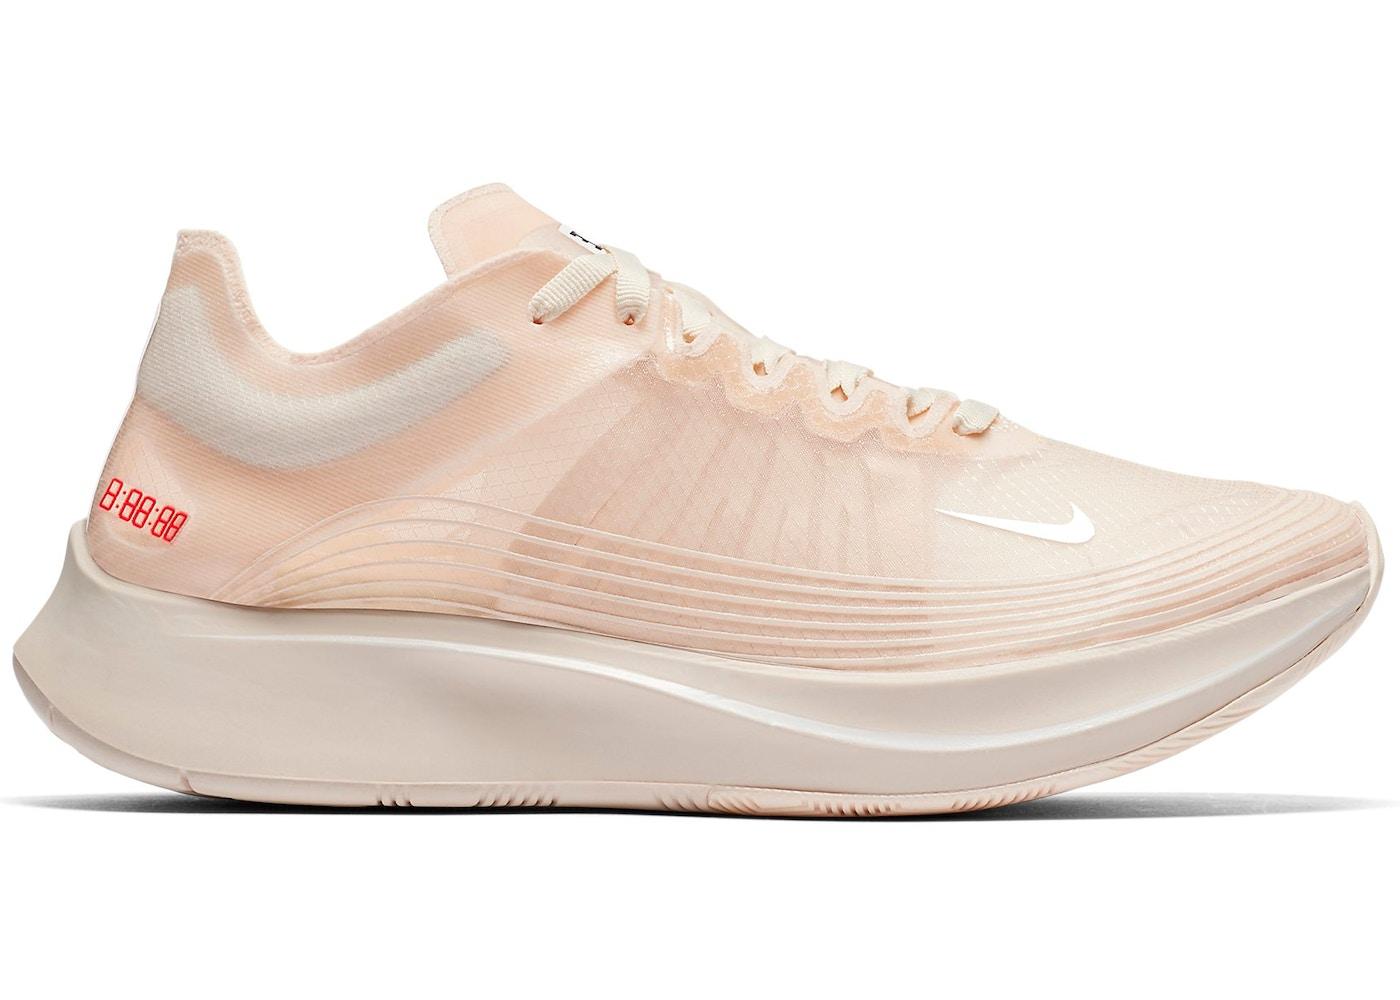 buy popular 45de6 8e07a Buy Nike Size 8 Shoes  Deadstock Sneakers